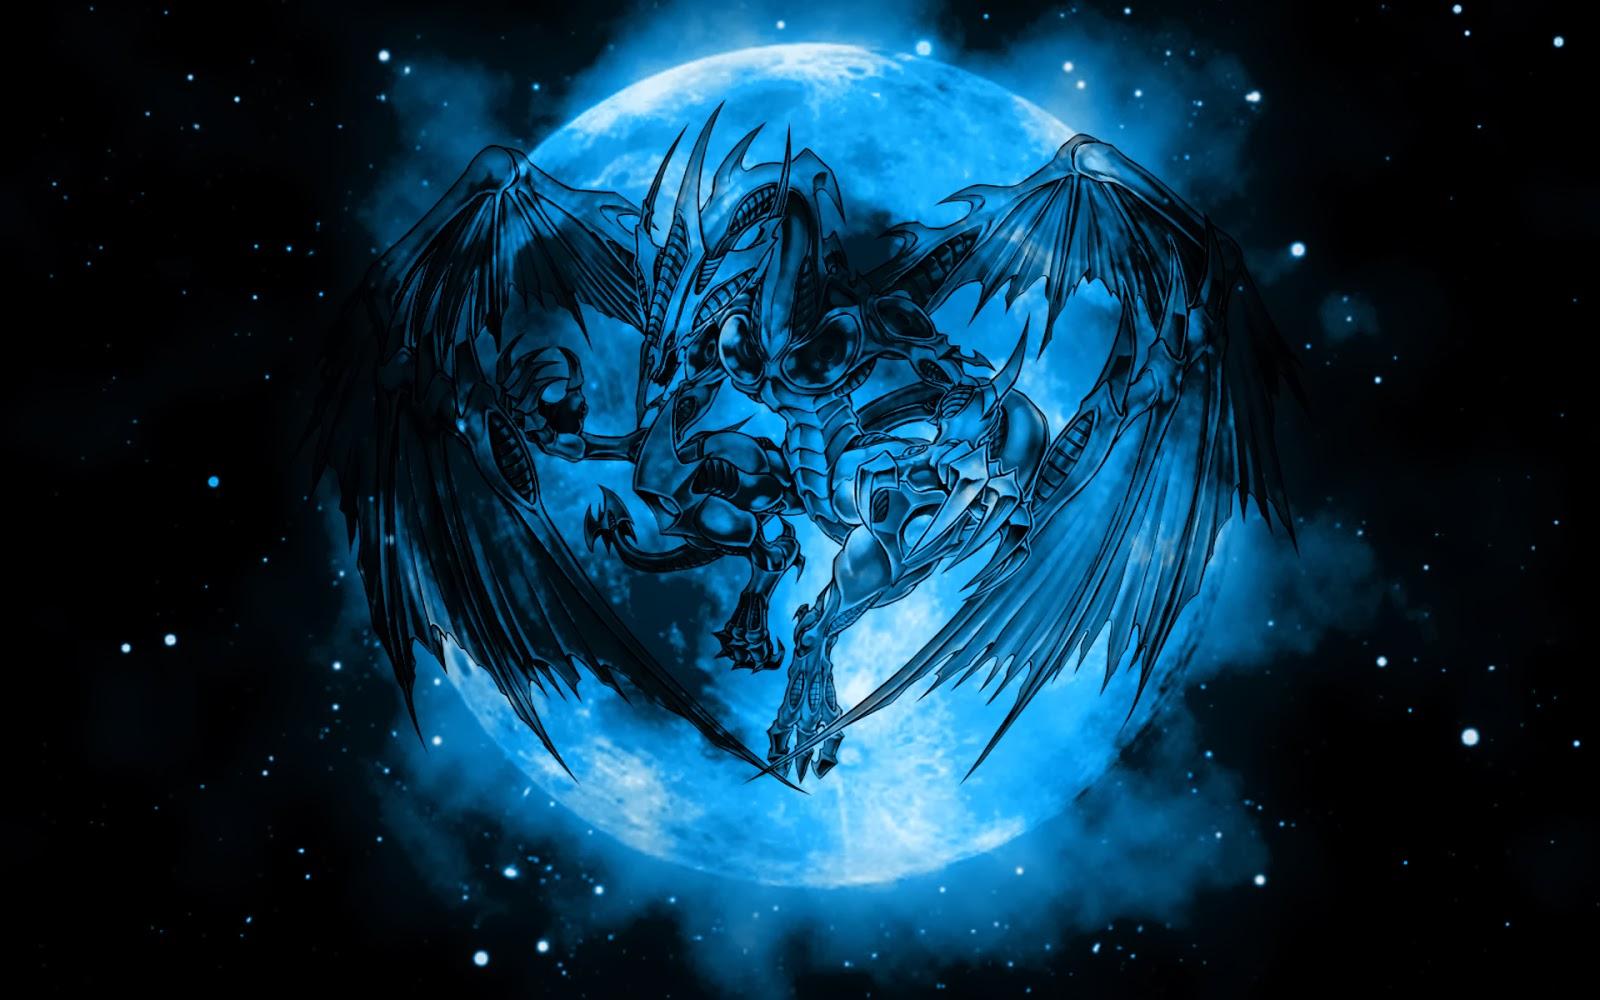 Night Wallpaper No Logo By Ualgreymon On Deviantart: Những Hình ảnh Rồng Nước độc đáo